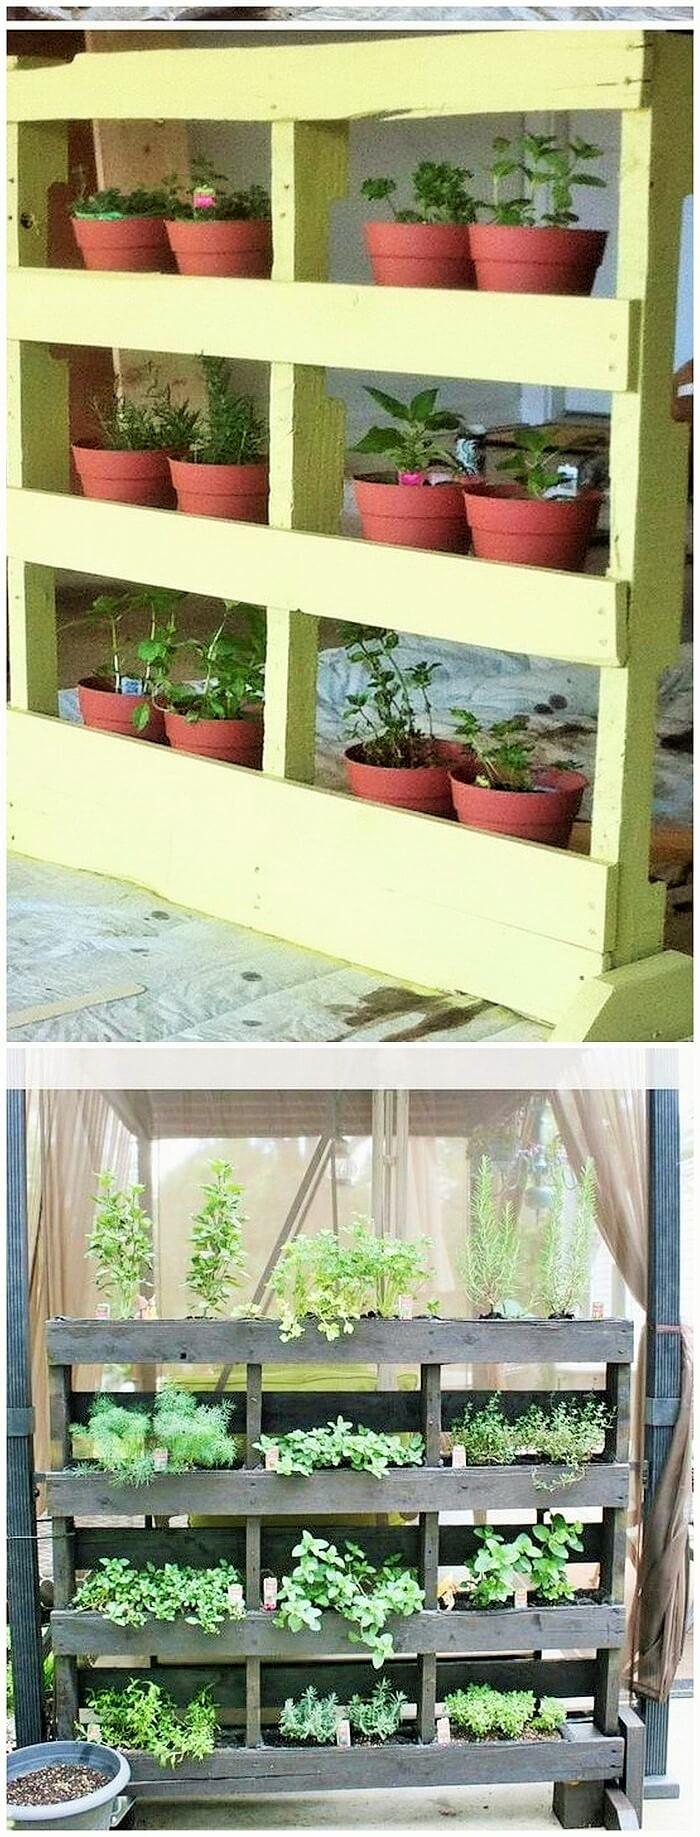 wood-pallet-planters-Ideas-4 (2)